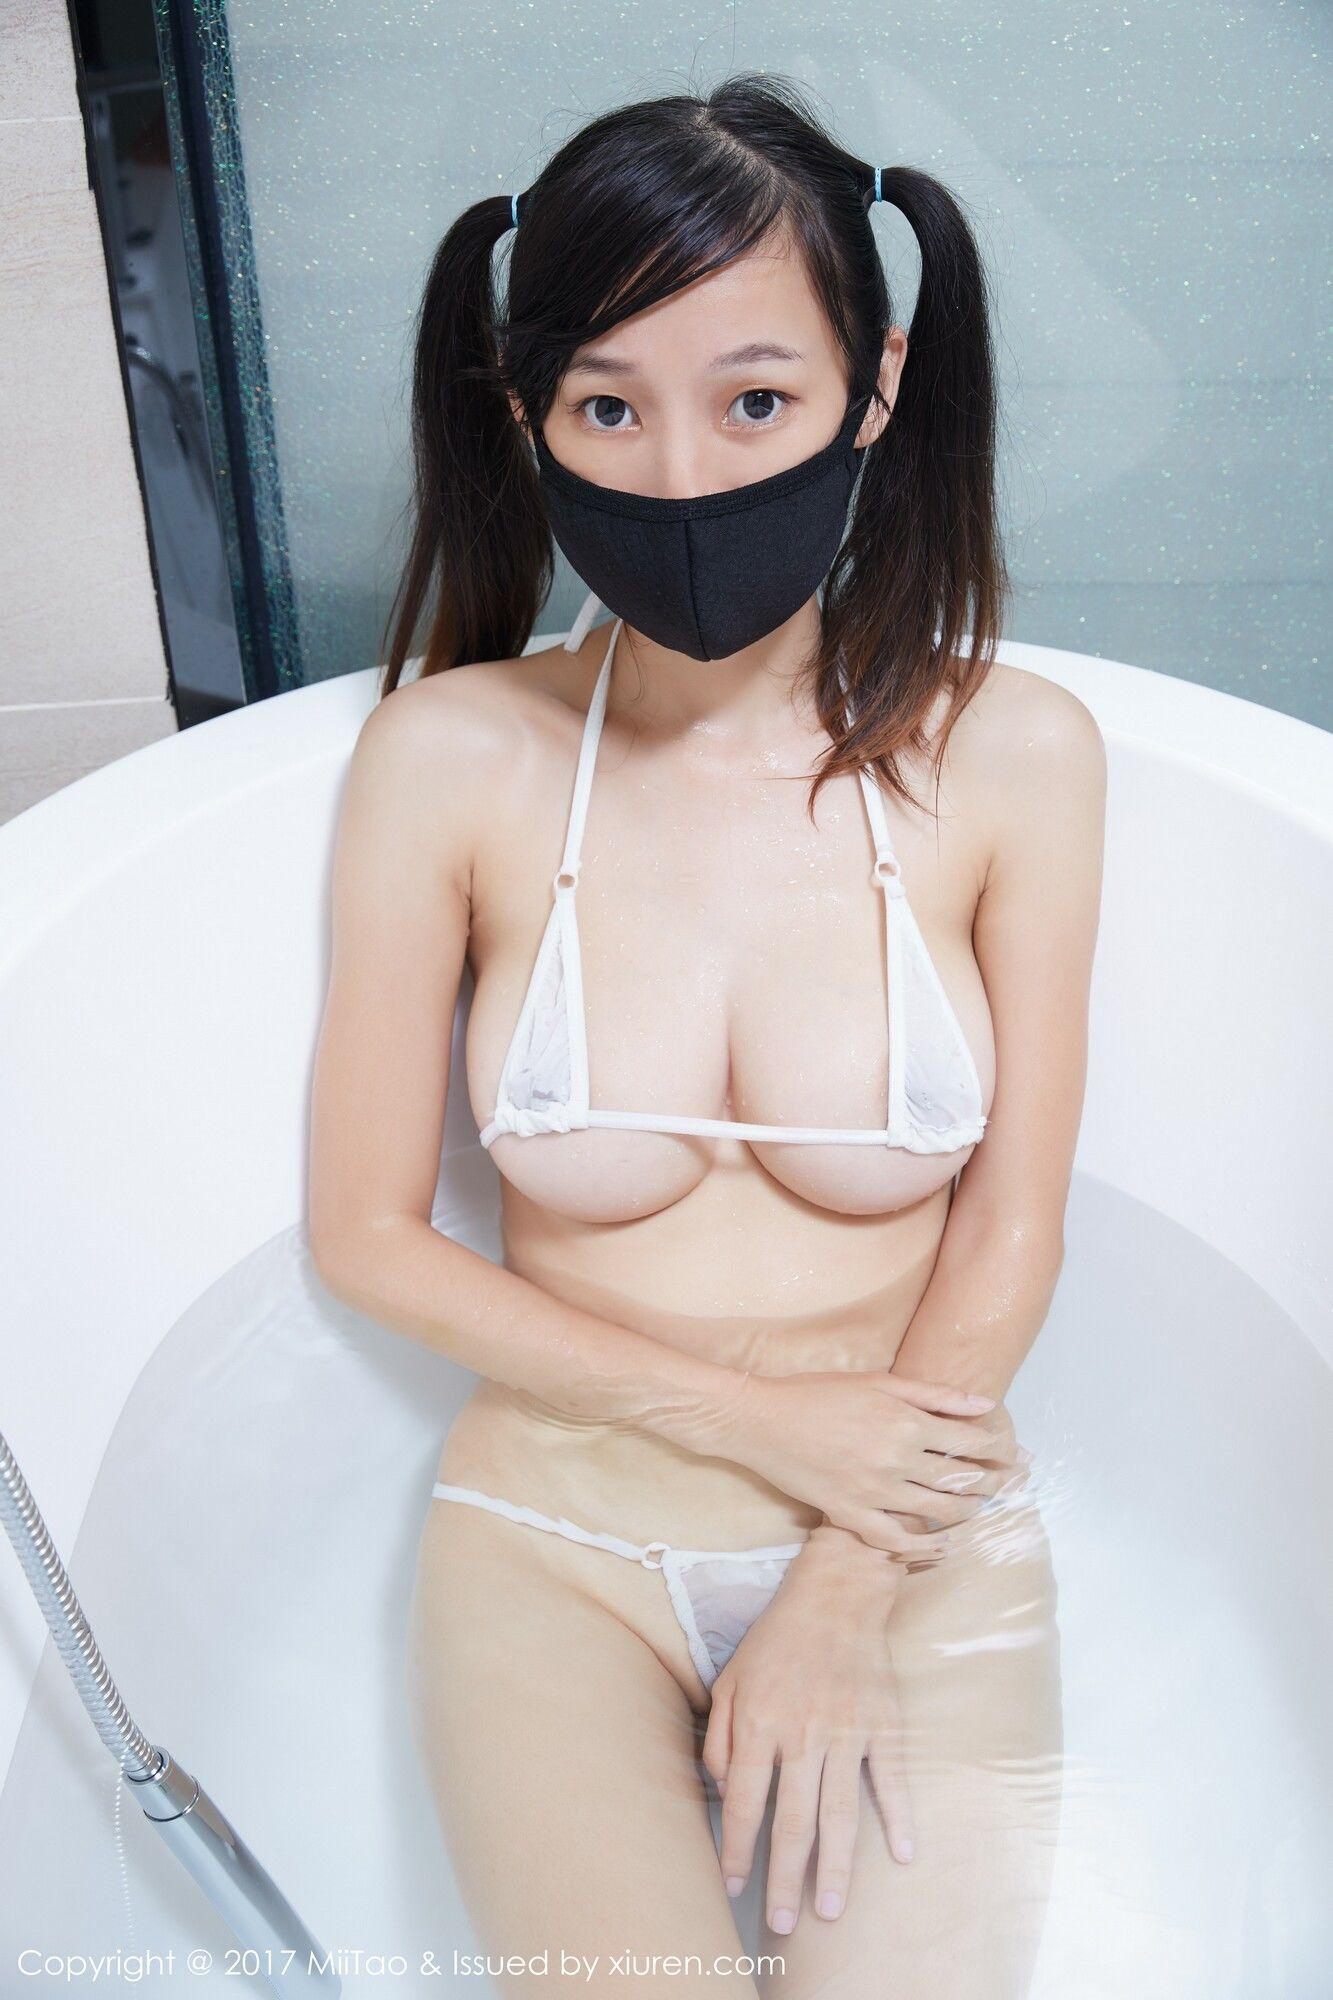 杏子 - 口罩姬主题写真